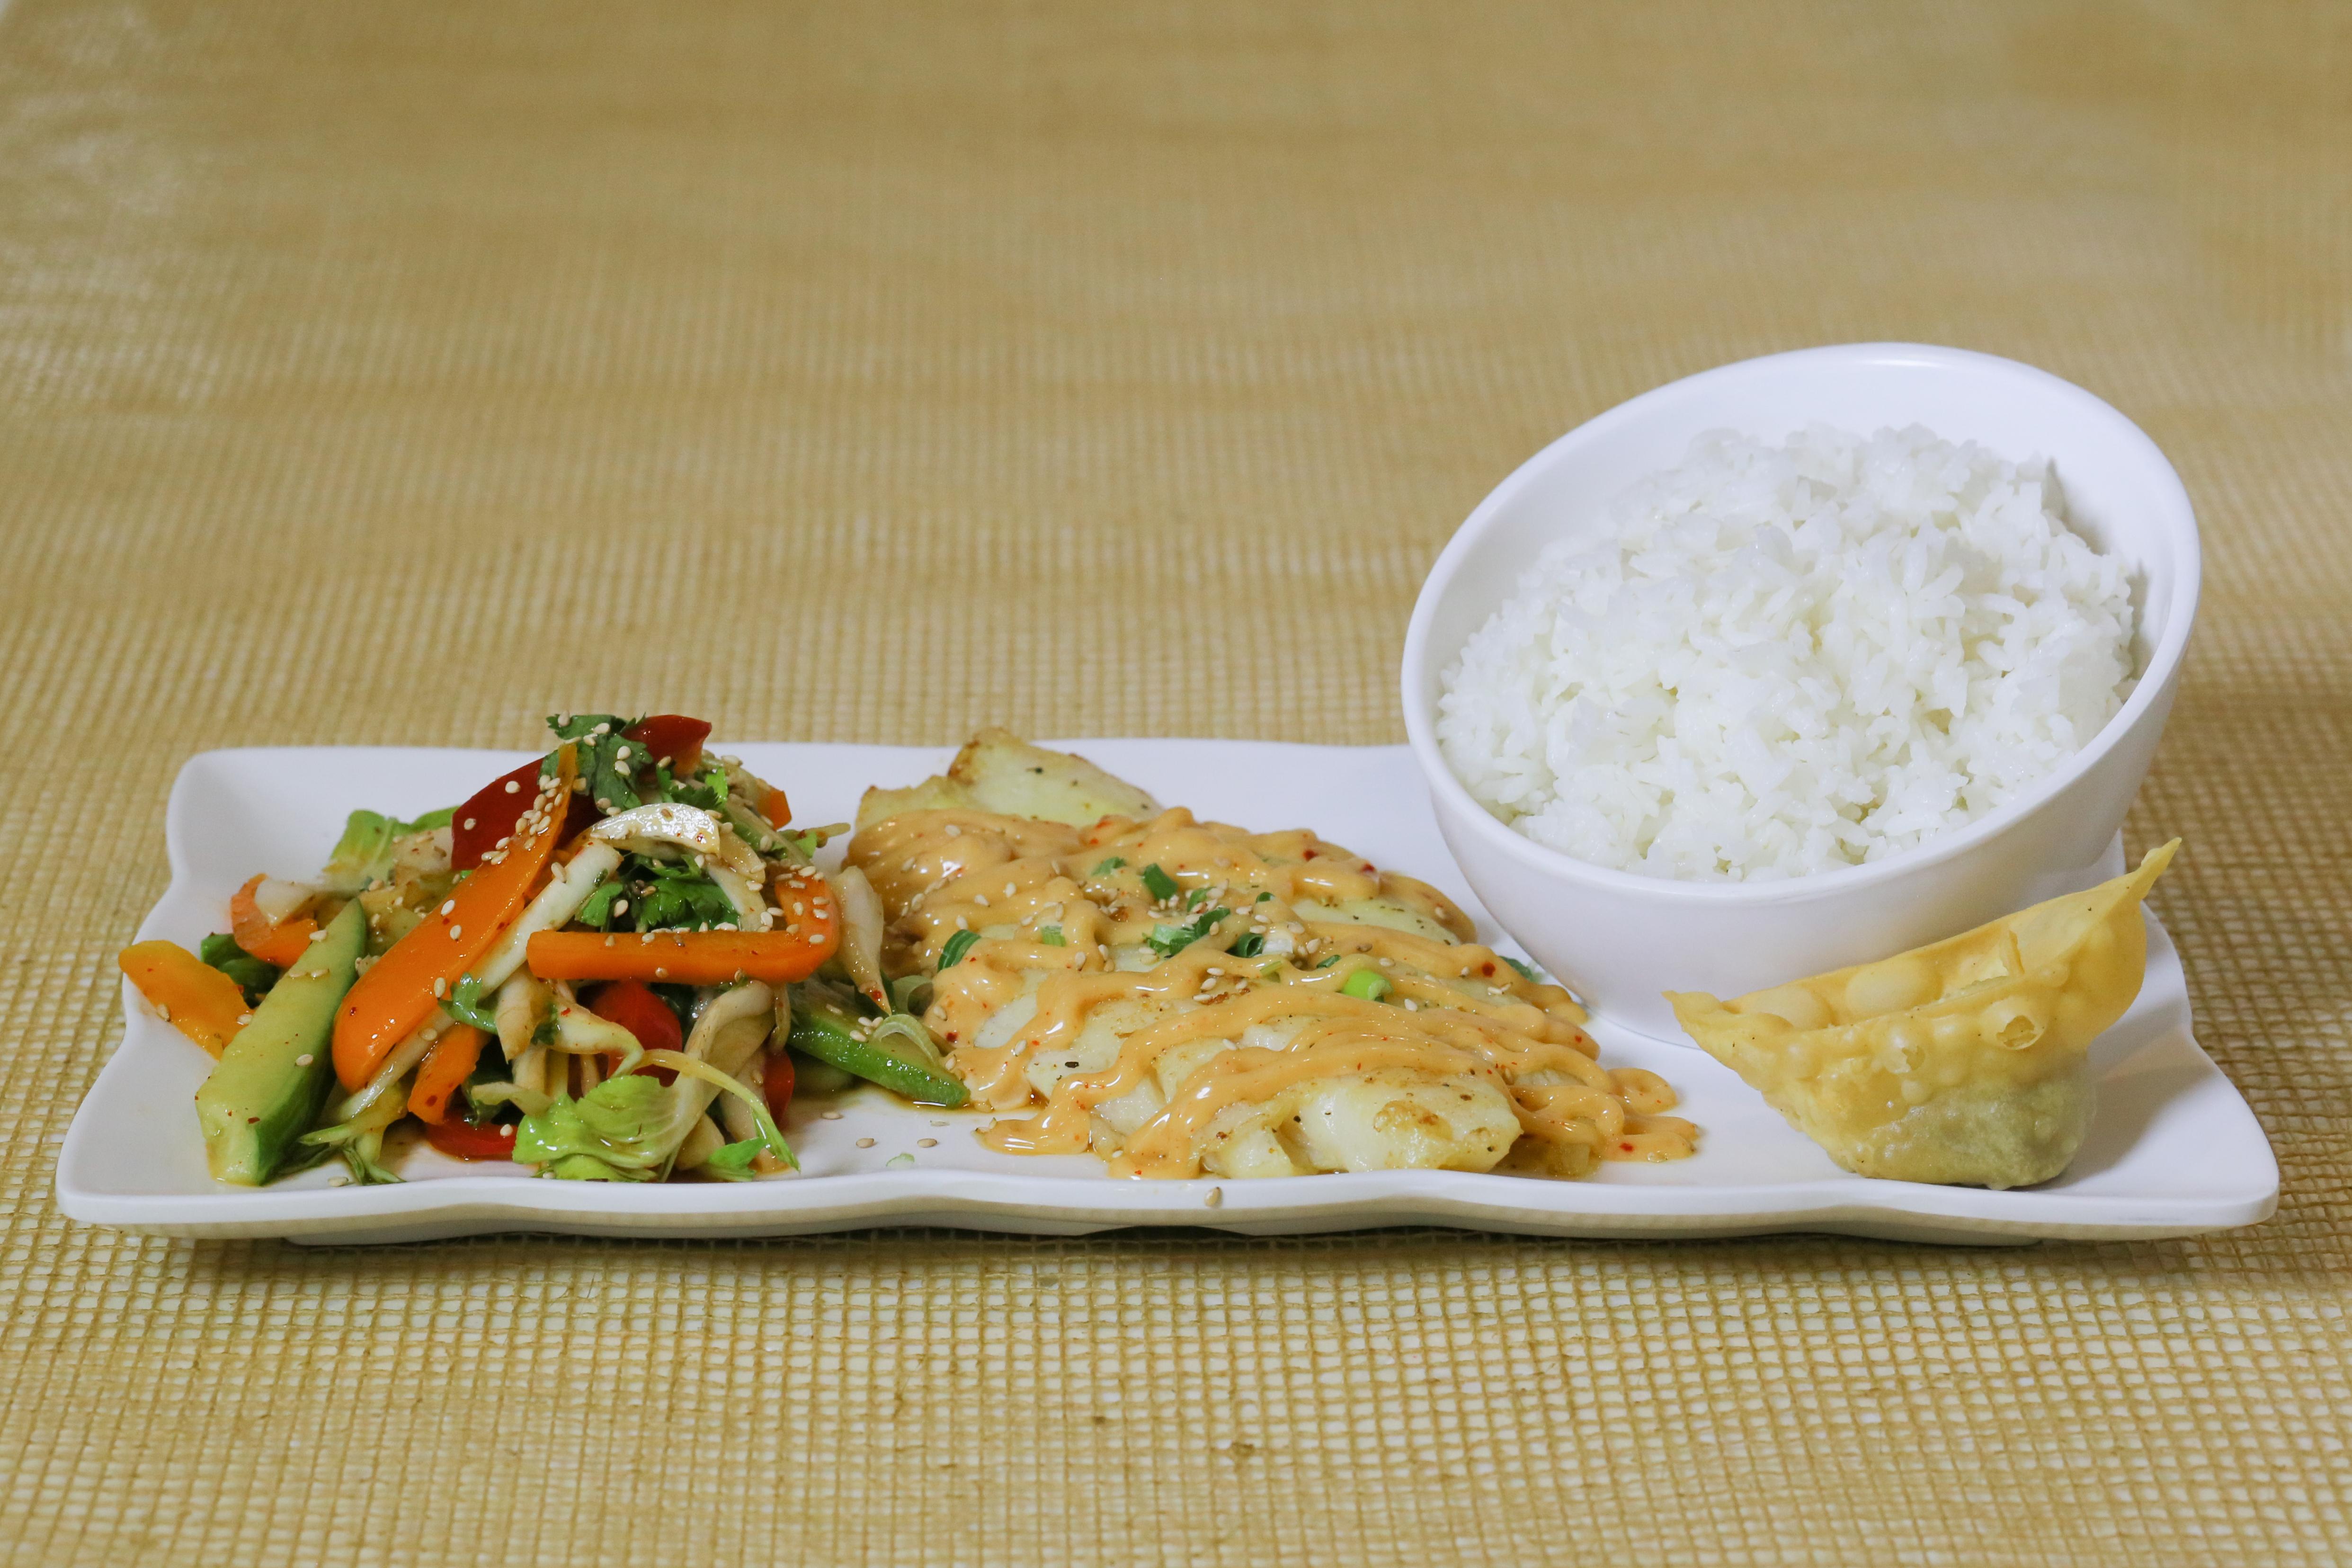 Korean Panfried Catfish